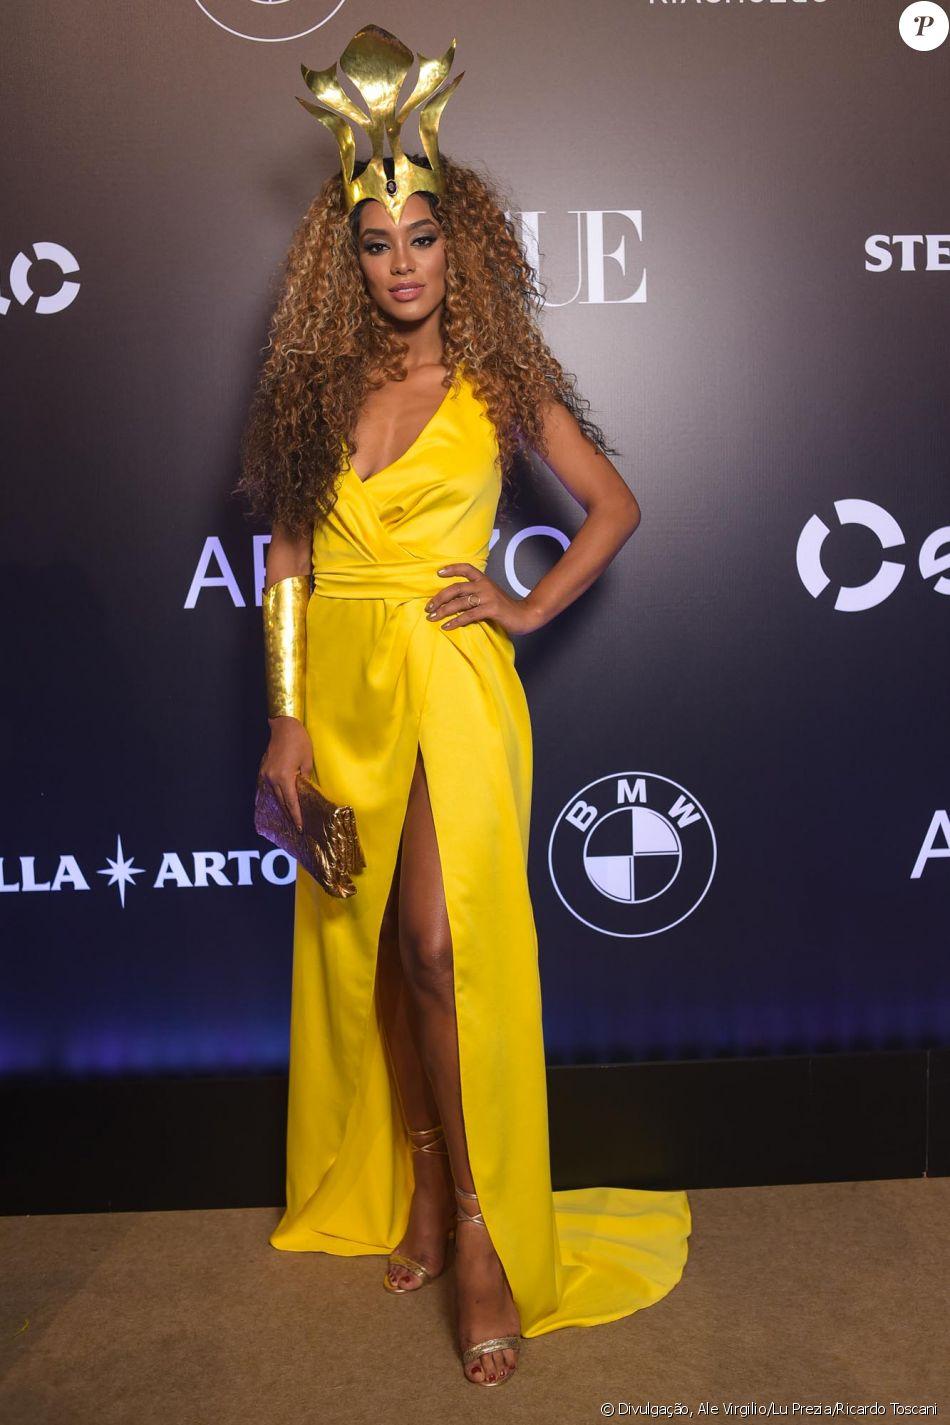 Raissa Santana de Apartamento 03 no Baile da Vogue, realizado no Hotel  Unique, em São Paulo, na noite desta quinta-feira, 1º de fevereiro de 2018 53033f9d23